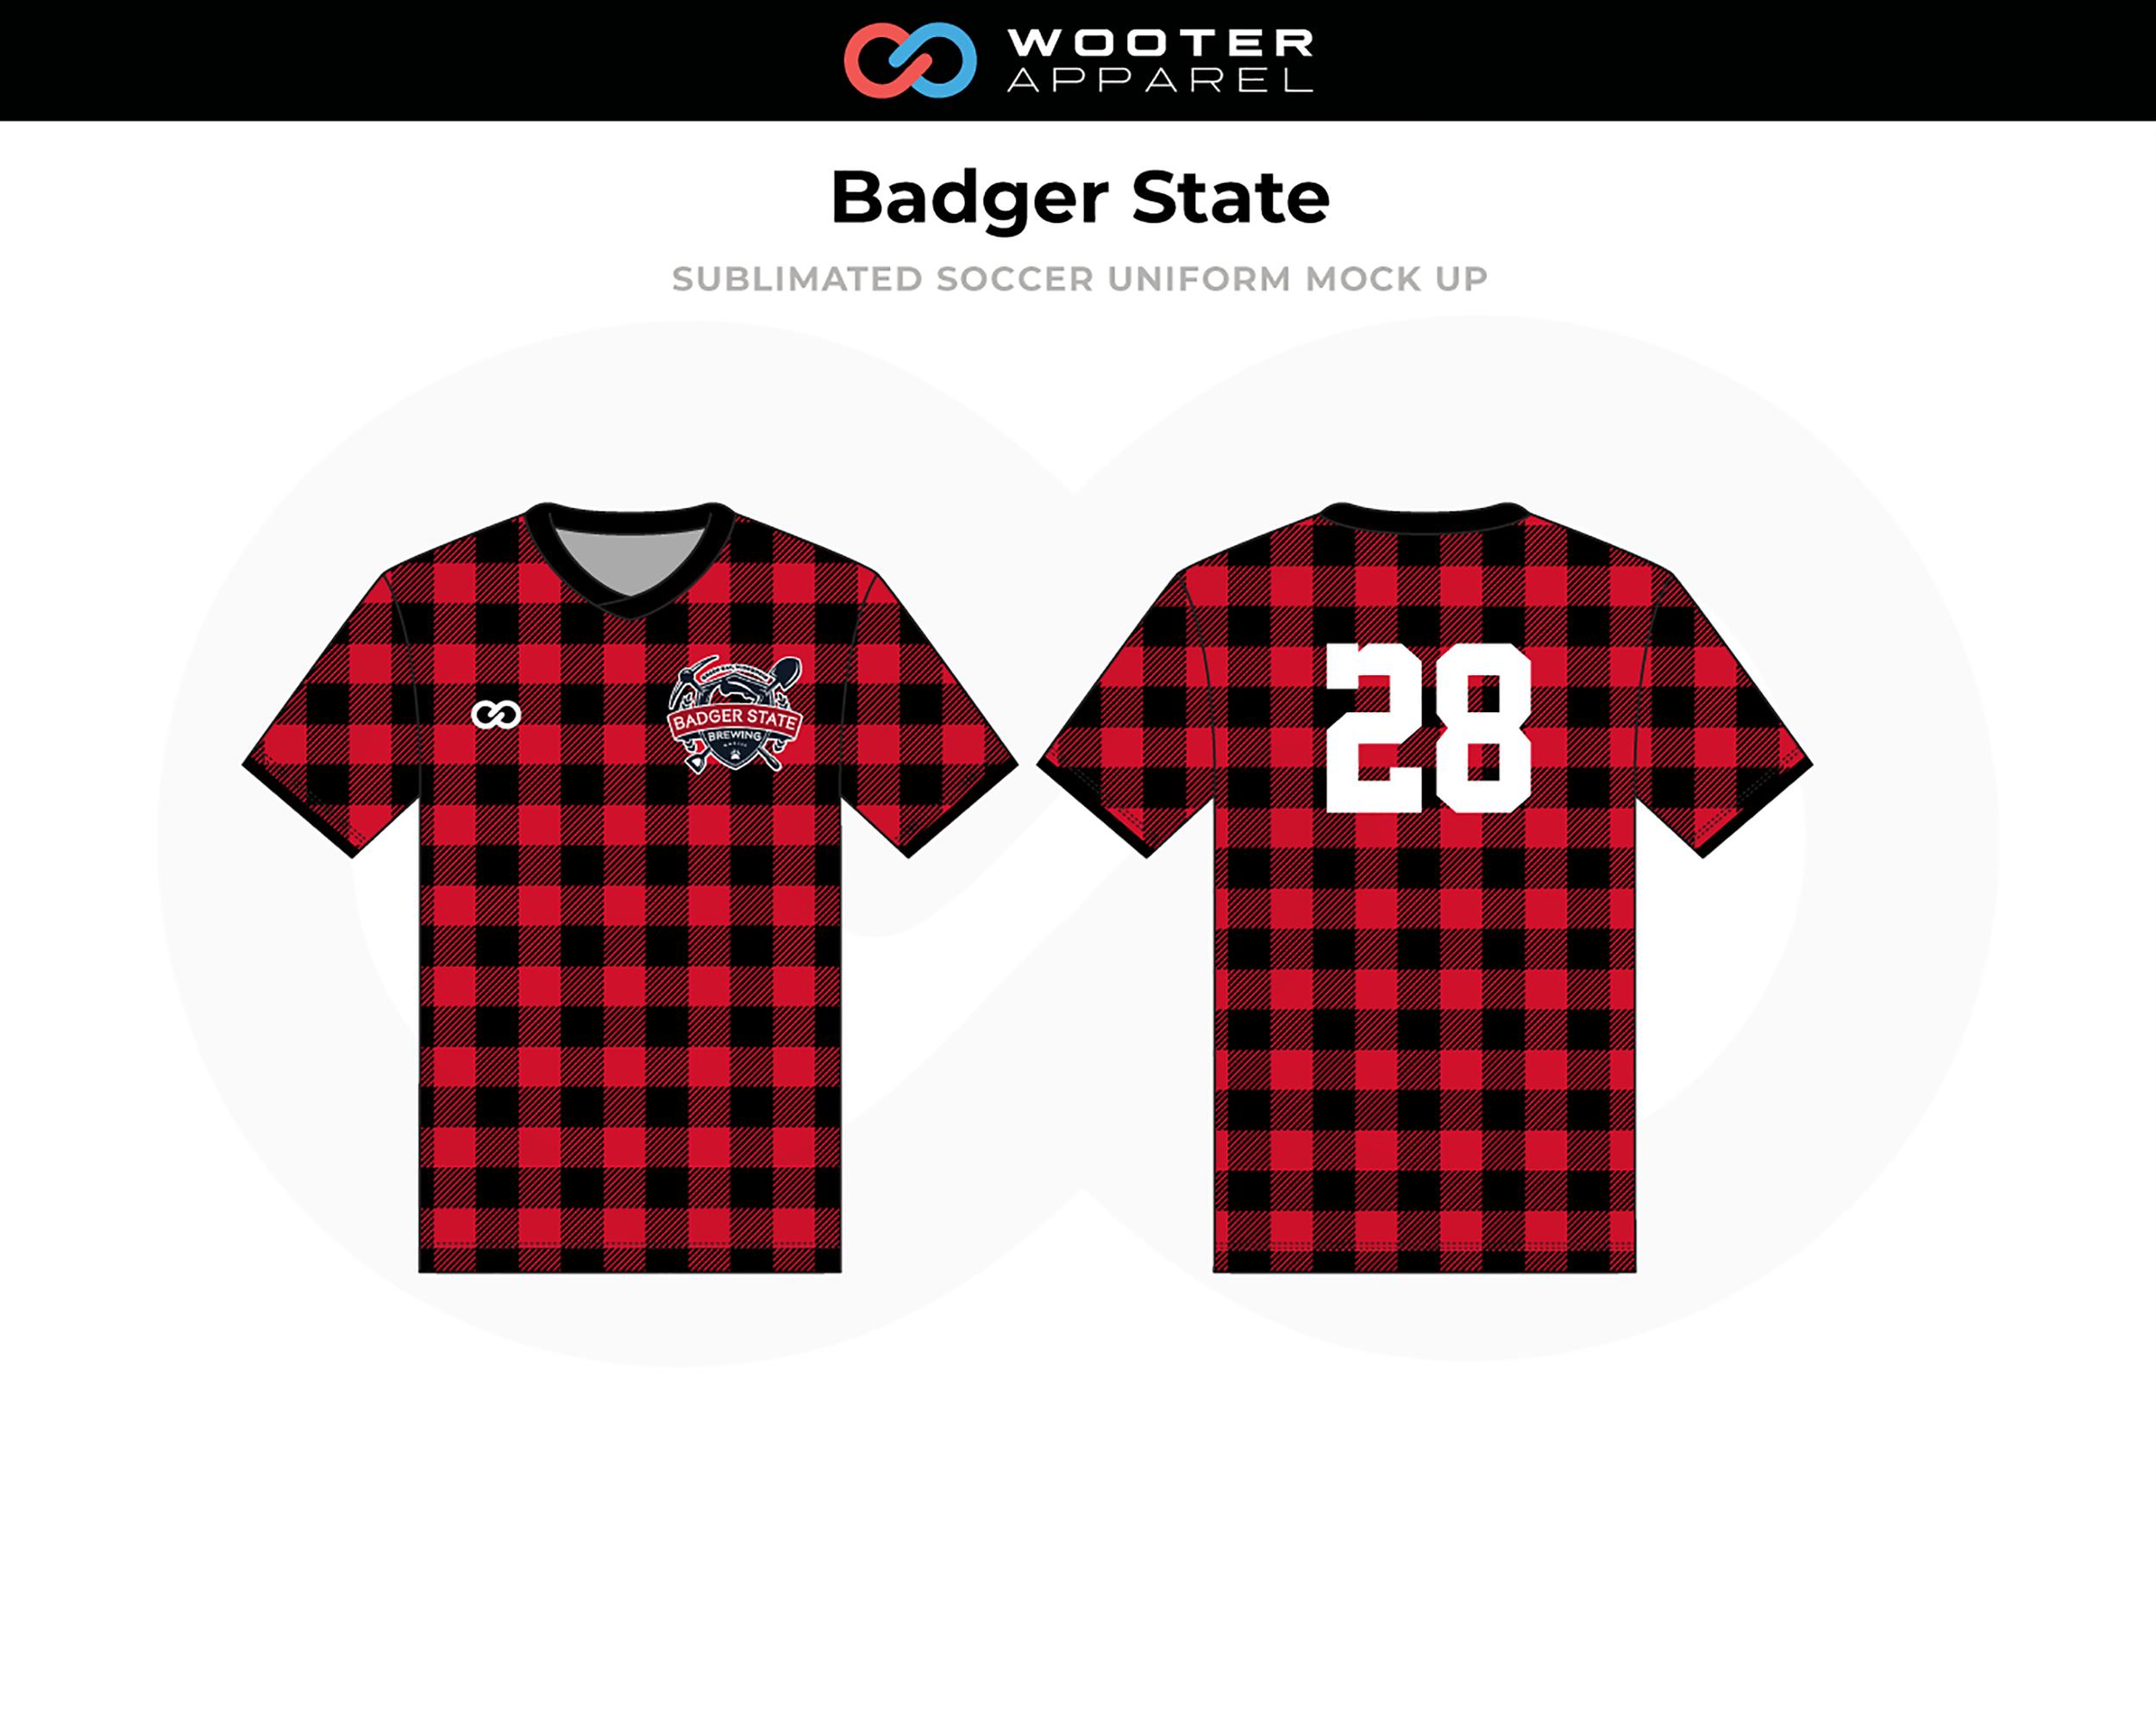 Badger-State-Sublimated-Soccer-Uniform-Mock-Up.png